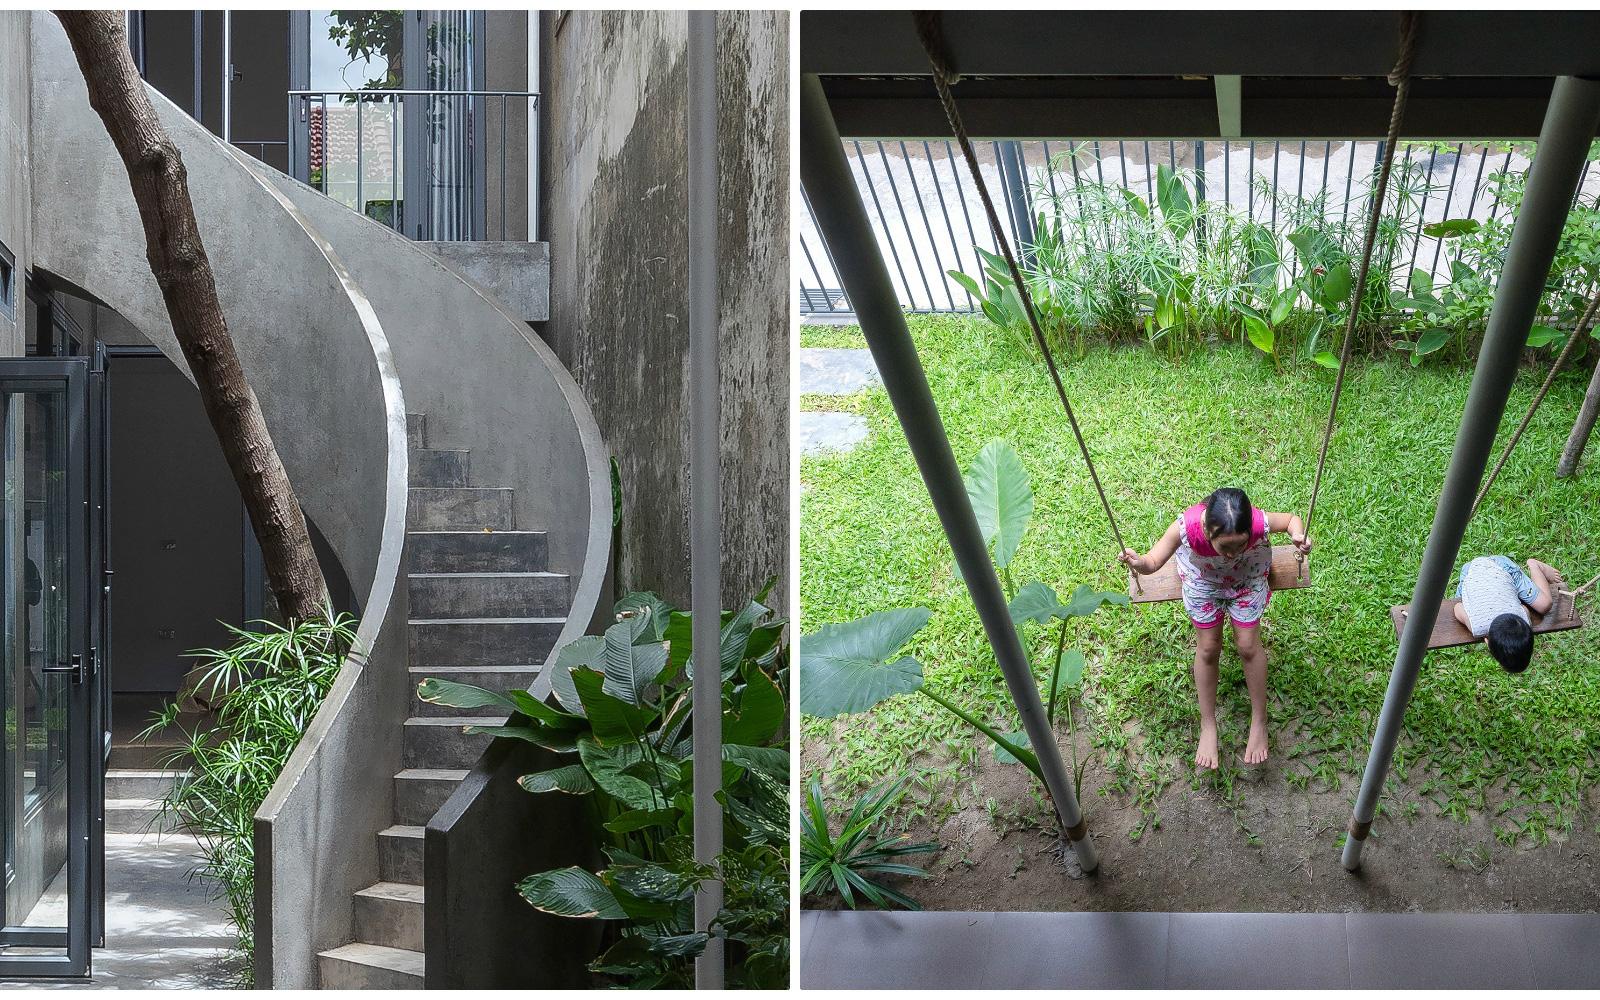 """Bước vào ngôi nhà trong ngõ rộng 3m được phủ xanh bằng cây cối, ai cũng thích thú với chiếc cầu thang cực hợp """"sống ảo"""""""